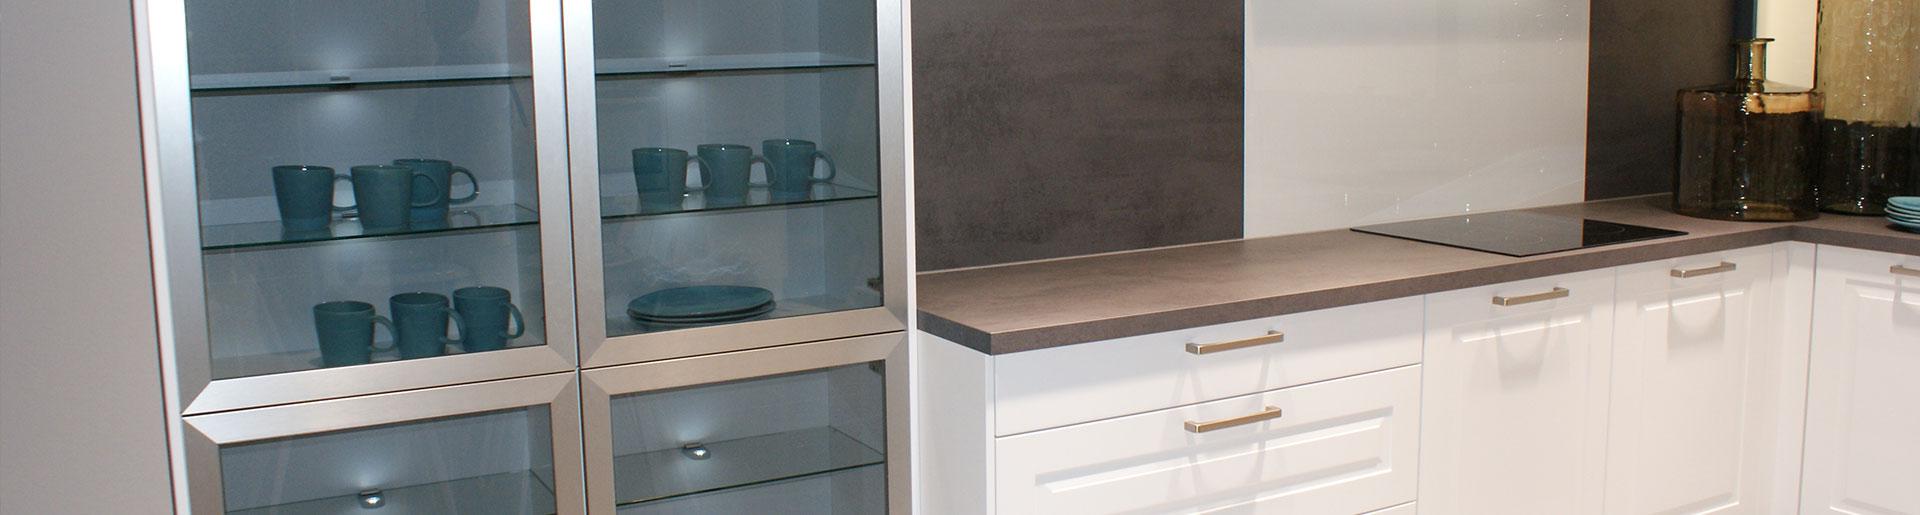 Weiße Küche mit Glasvitrine im Küchenstudio Cottbus